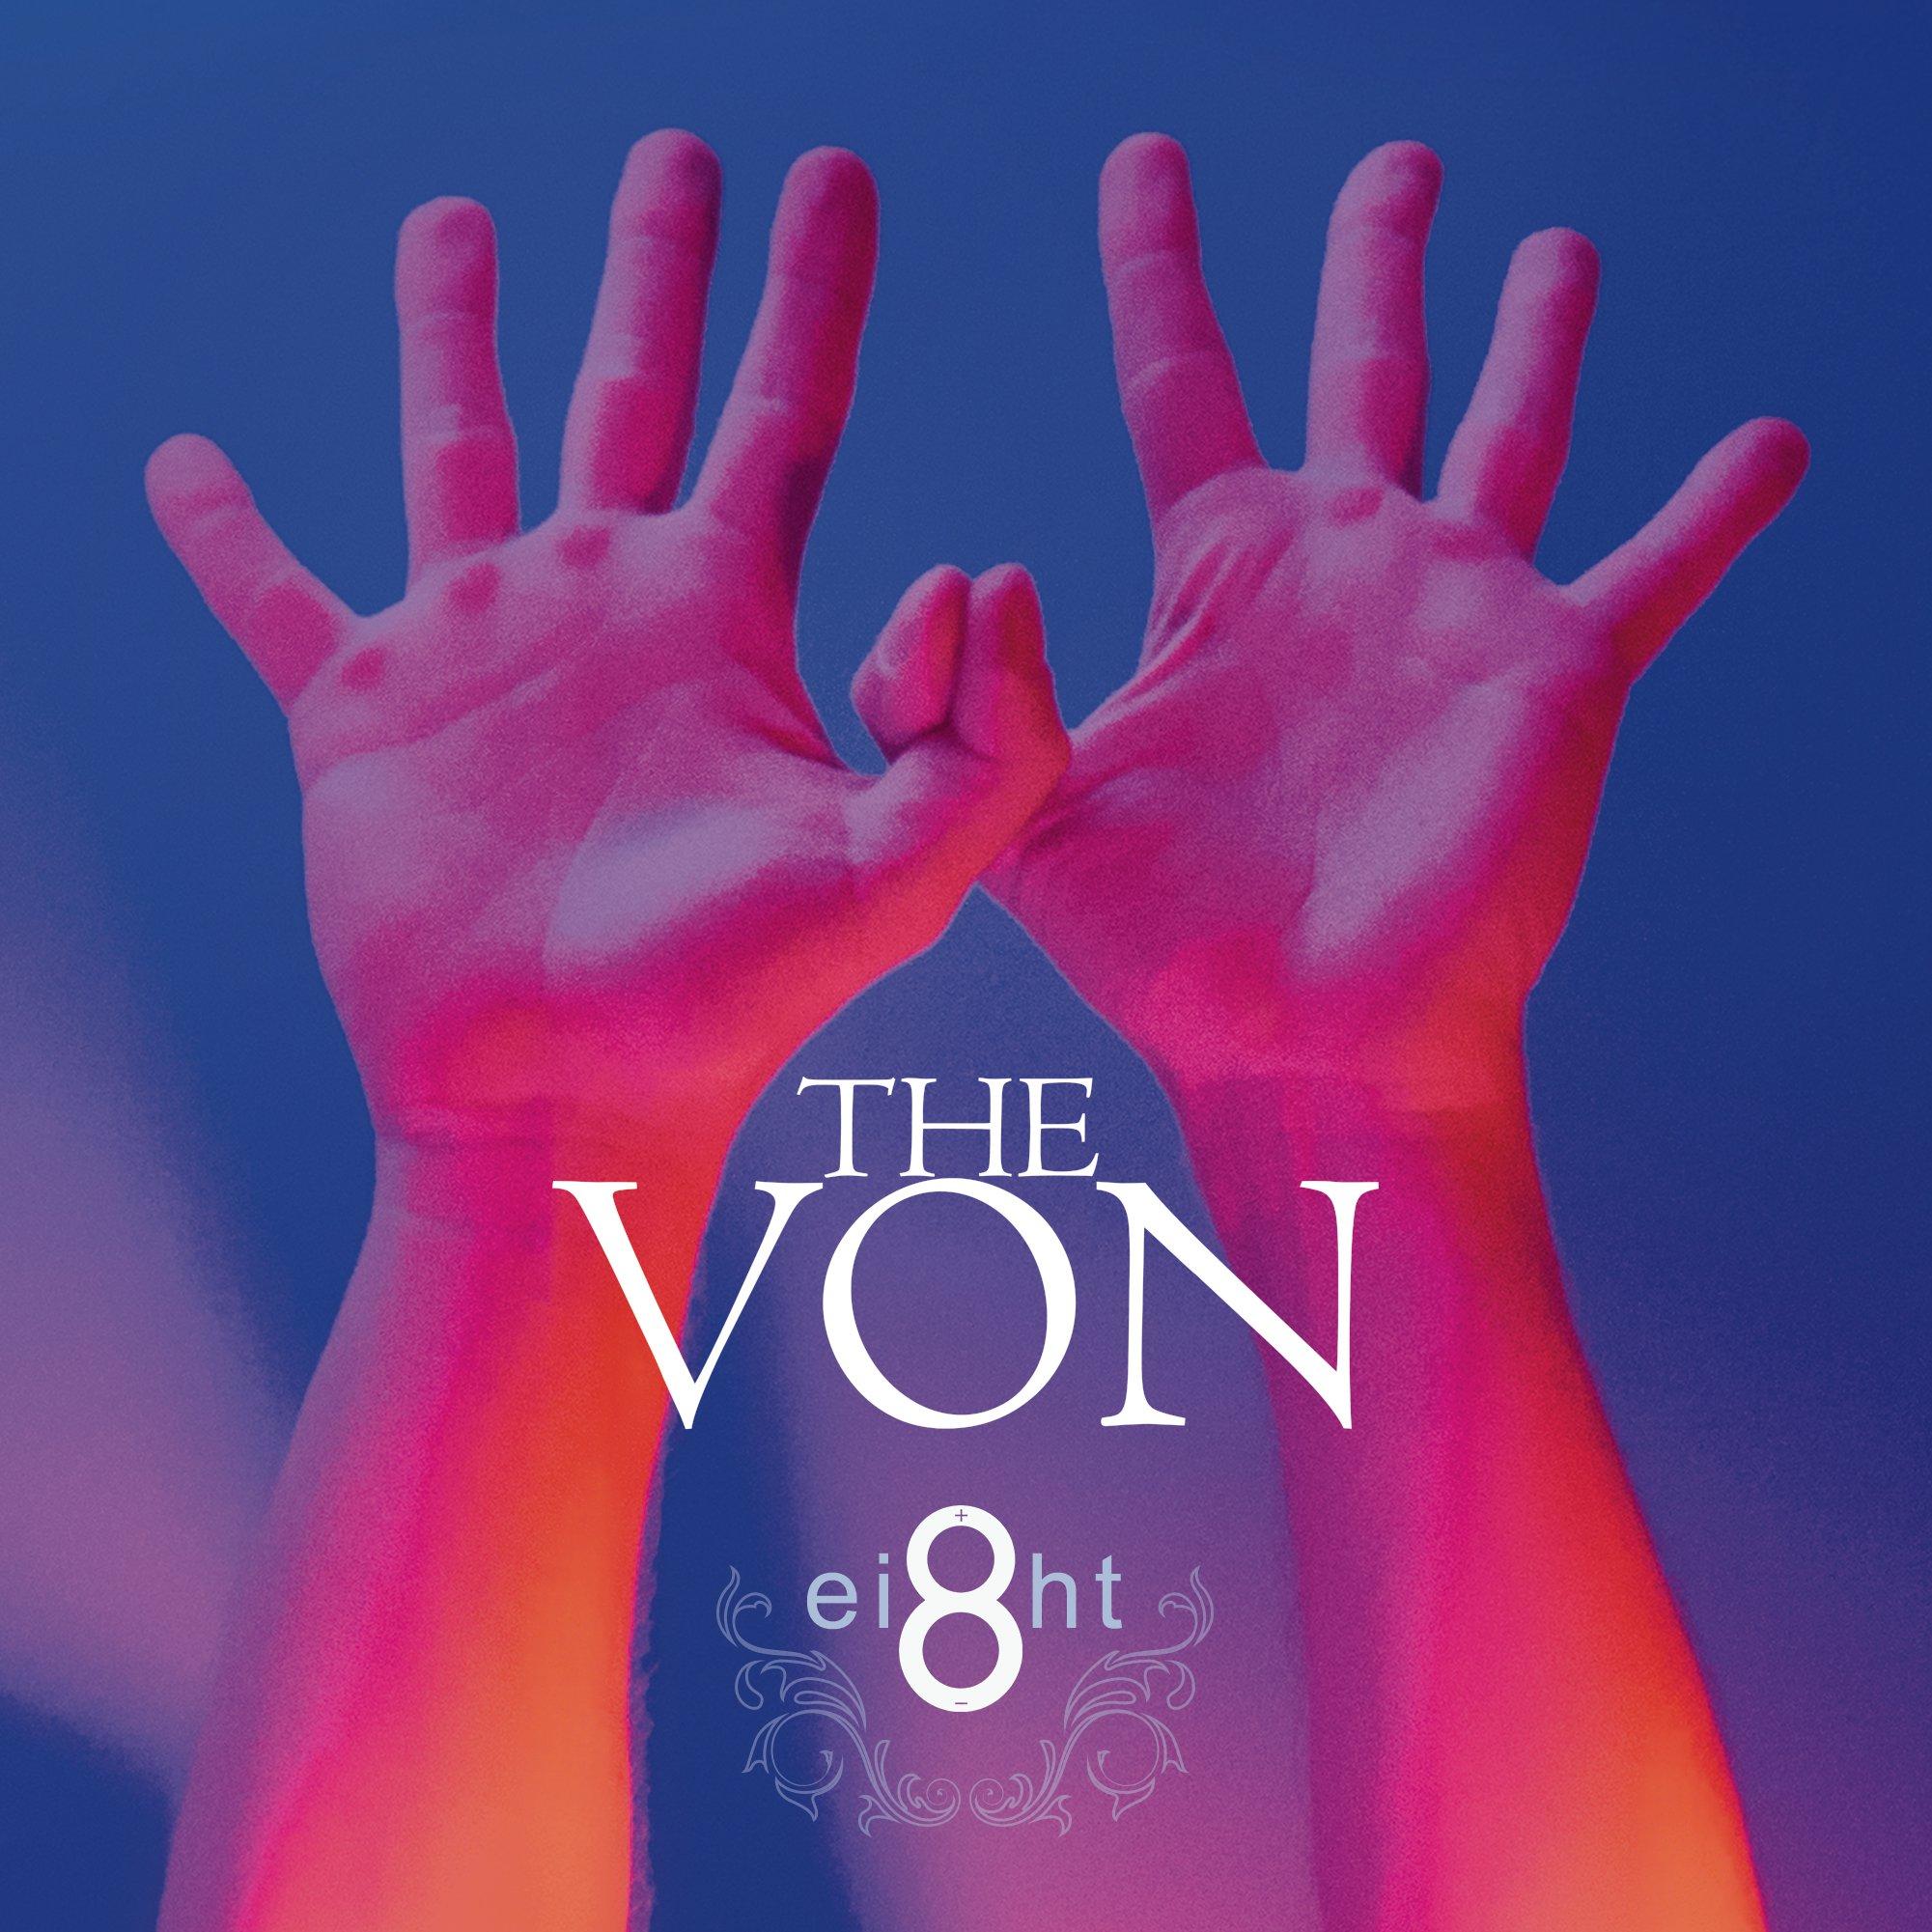 The Von – Ei8ht